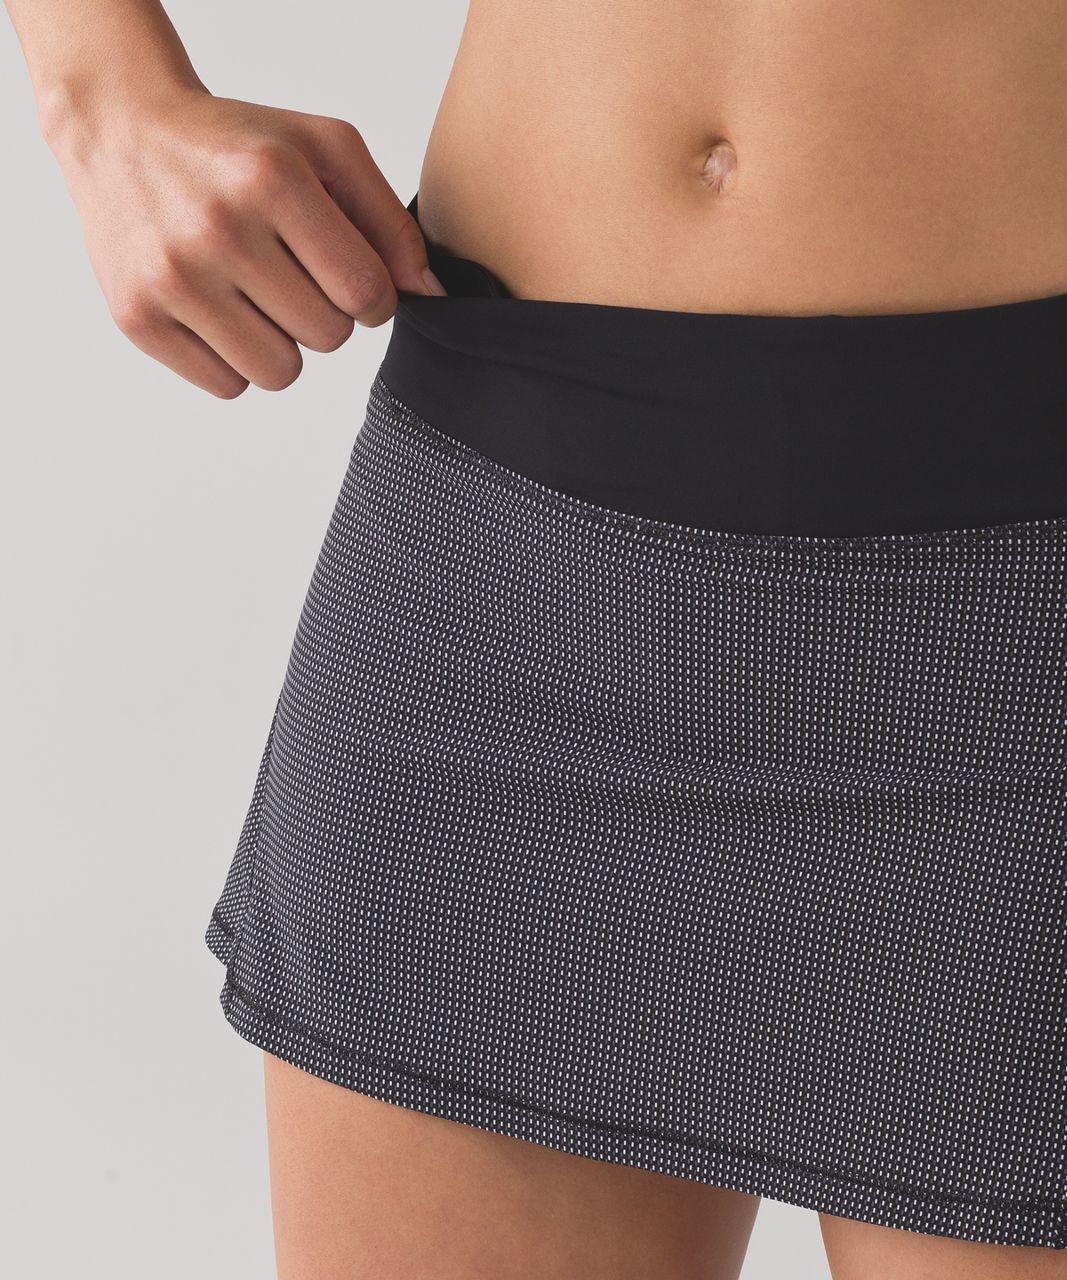 """Lululemon Circuit Breaker Skirt (Regular) (13"""") - Teeny Check Print White Black / Black"""